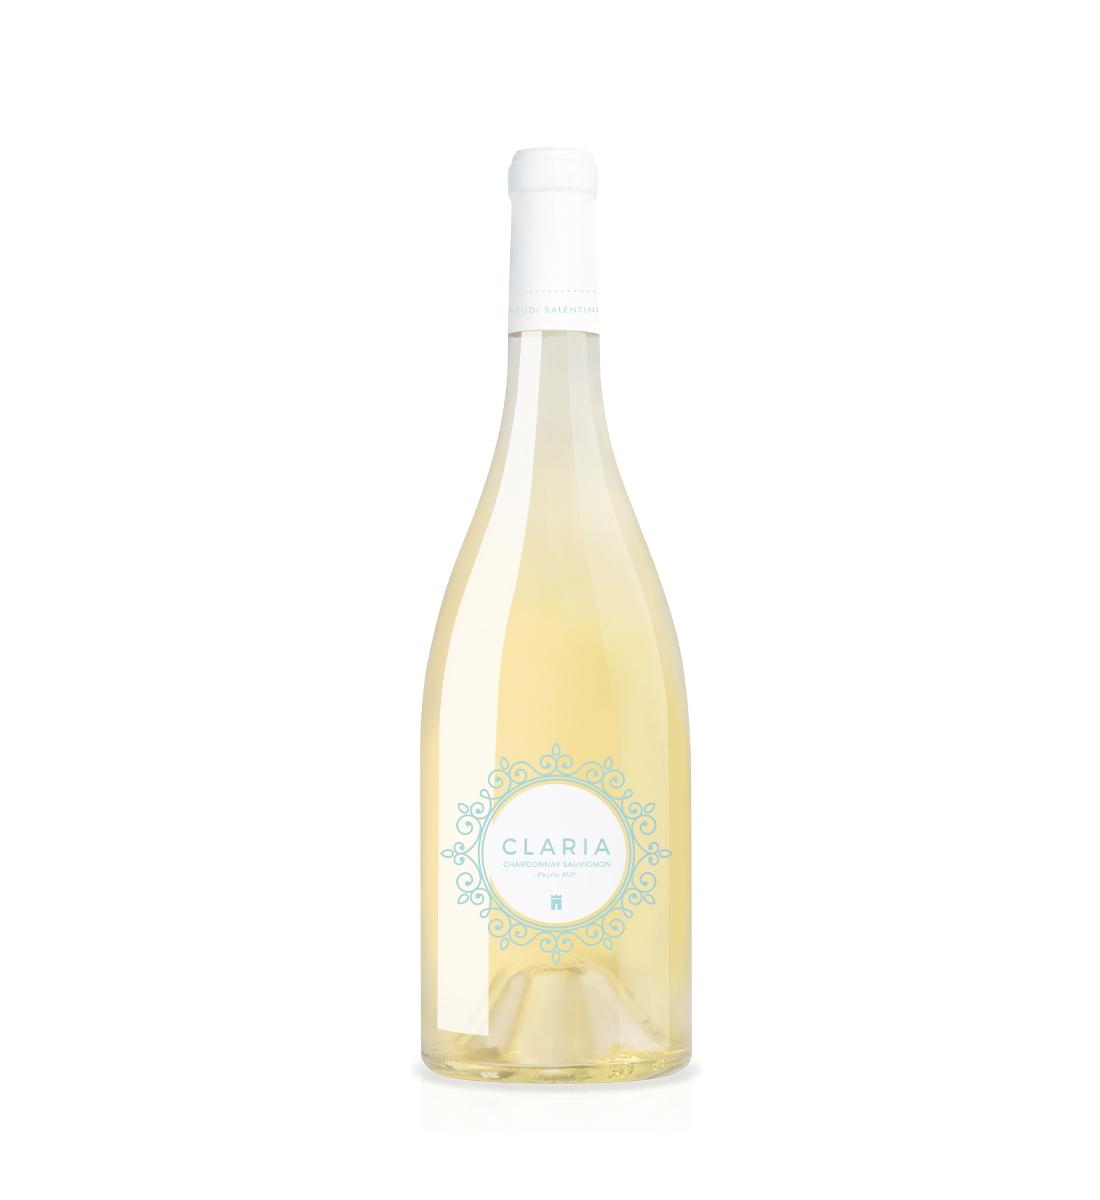 Feudi Salentini Claria Chardonnay Sauvignon Blanc 0.75L